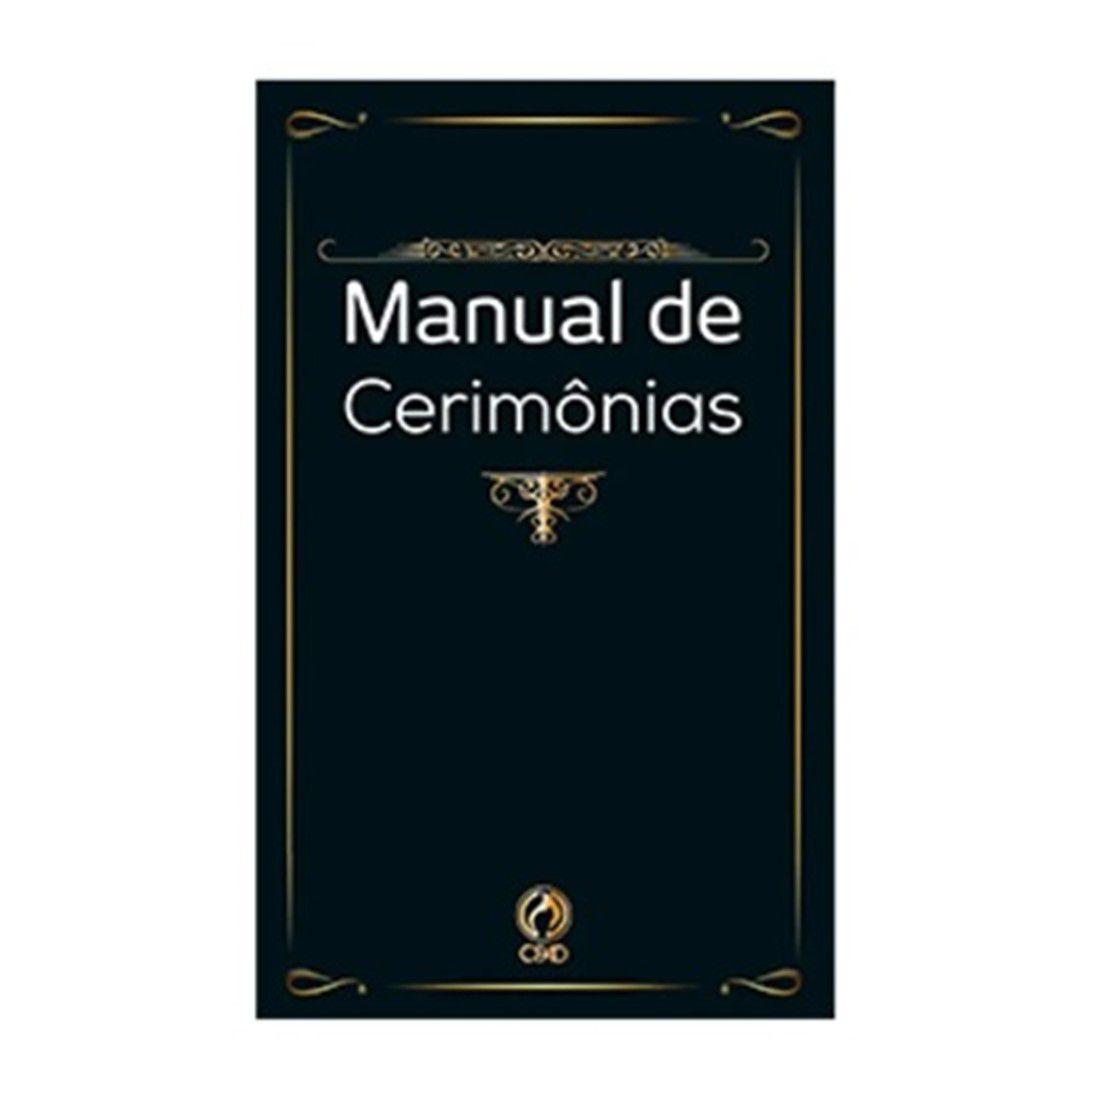 Livro Manual de Cerimônias - Brochura